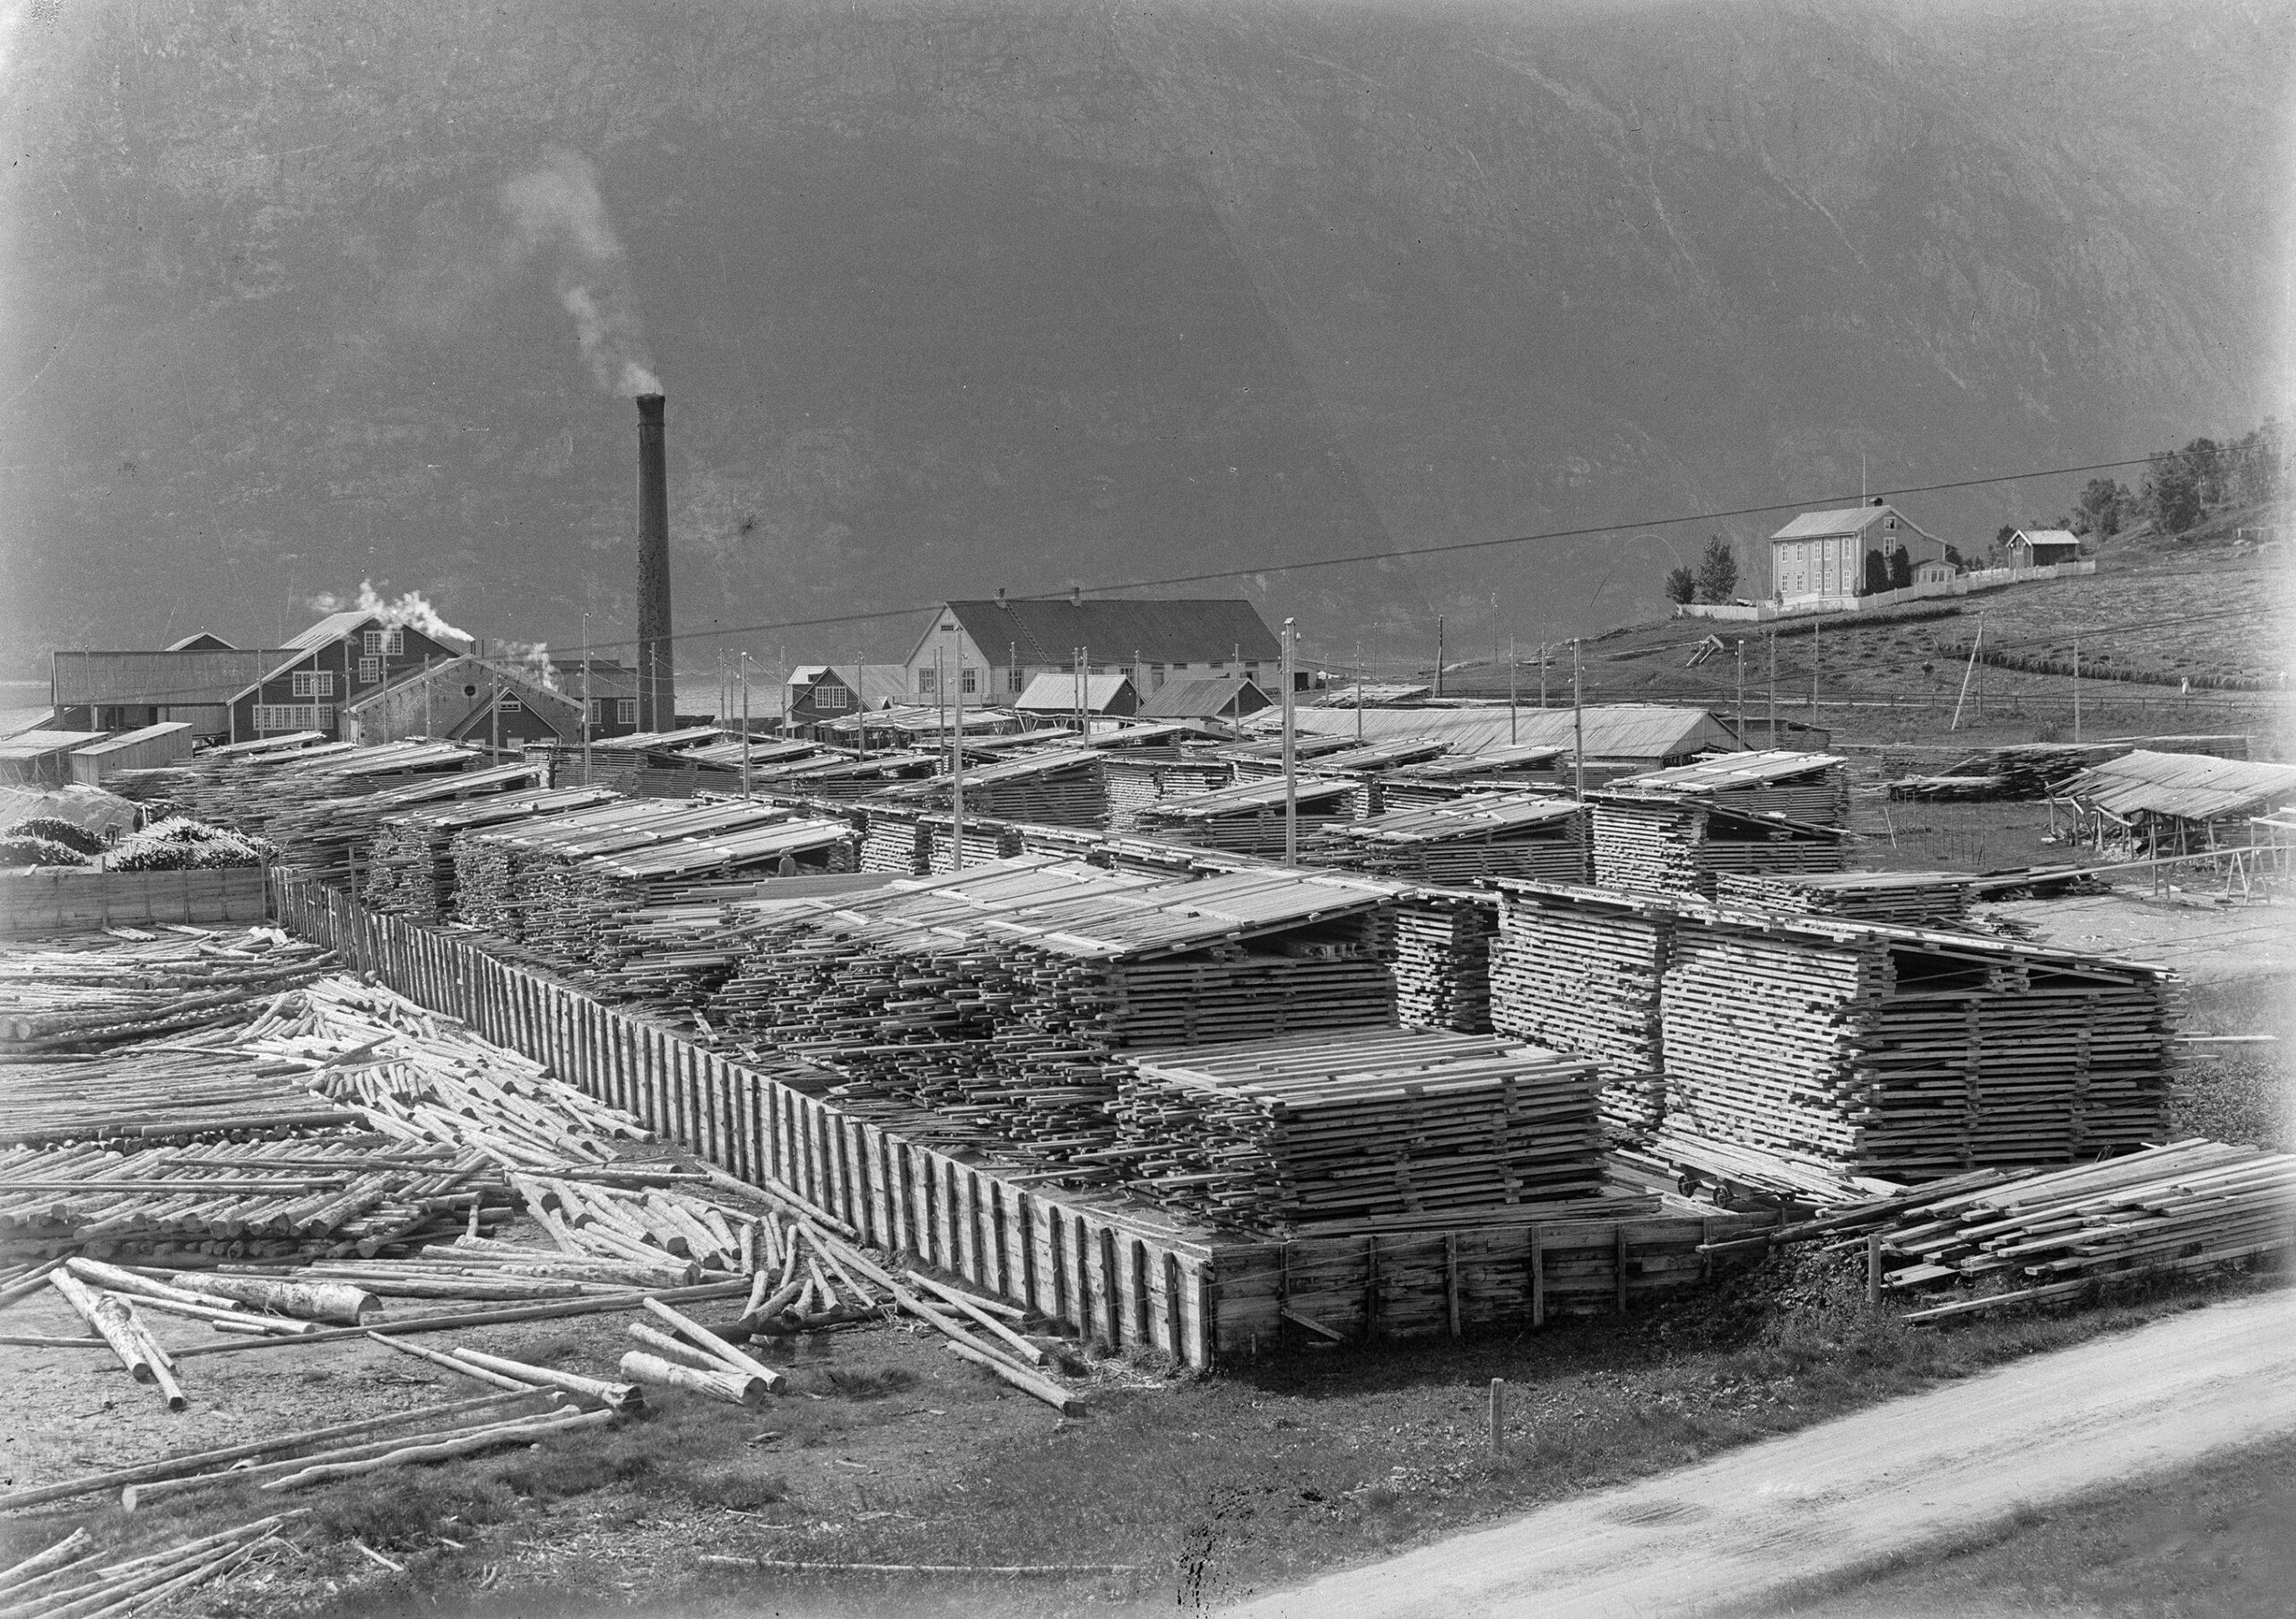 Sagbruket Nesbruket på Halsøy med plankestabler